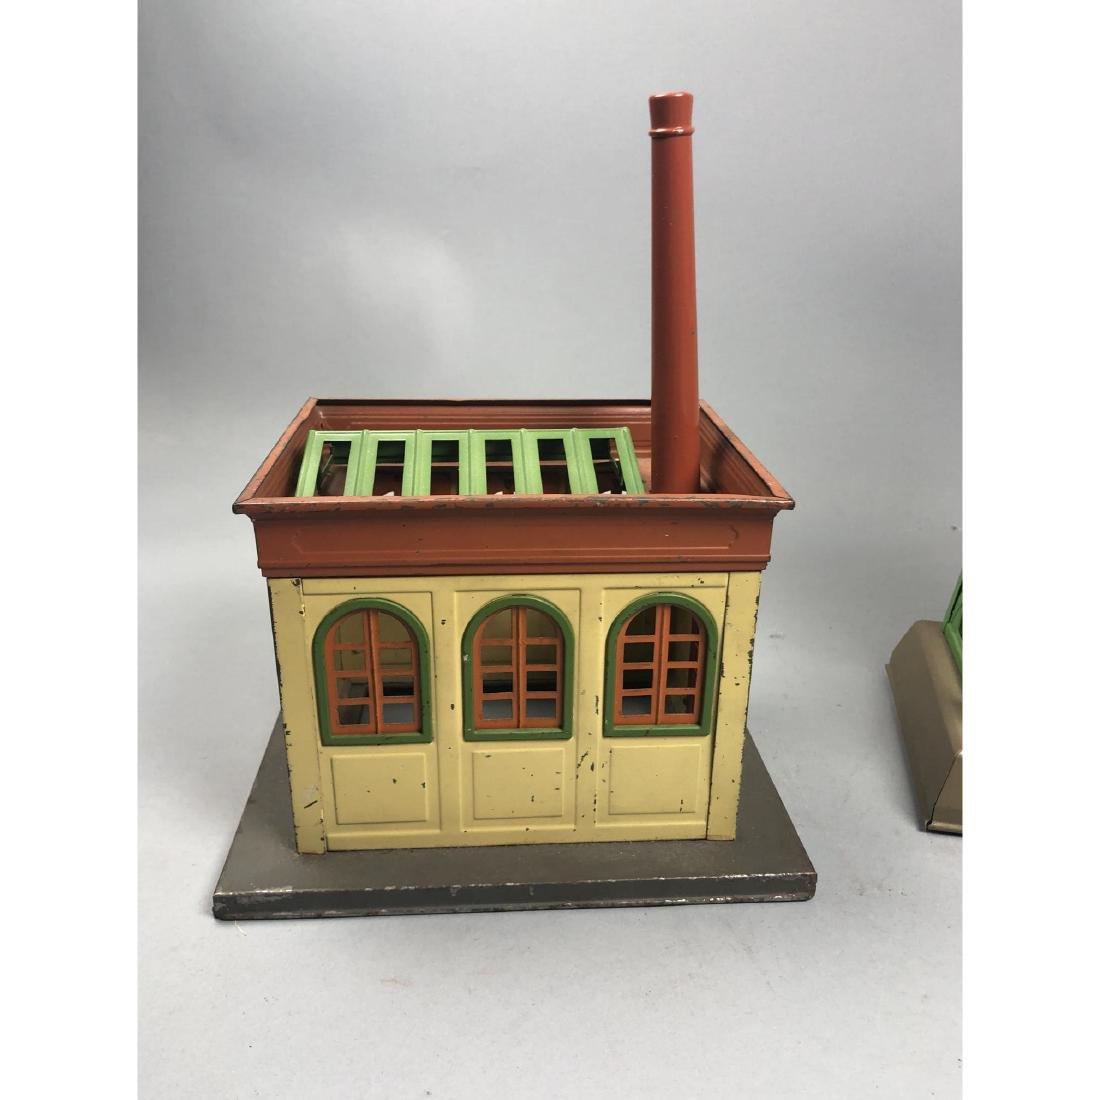 3pc LIONEL Model Train Buildings. 1 power station - 3